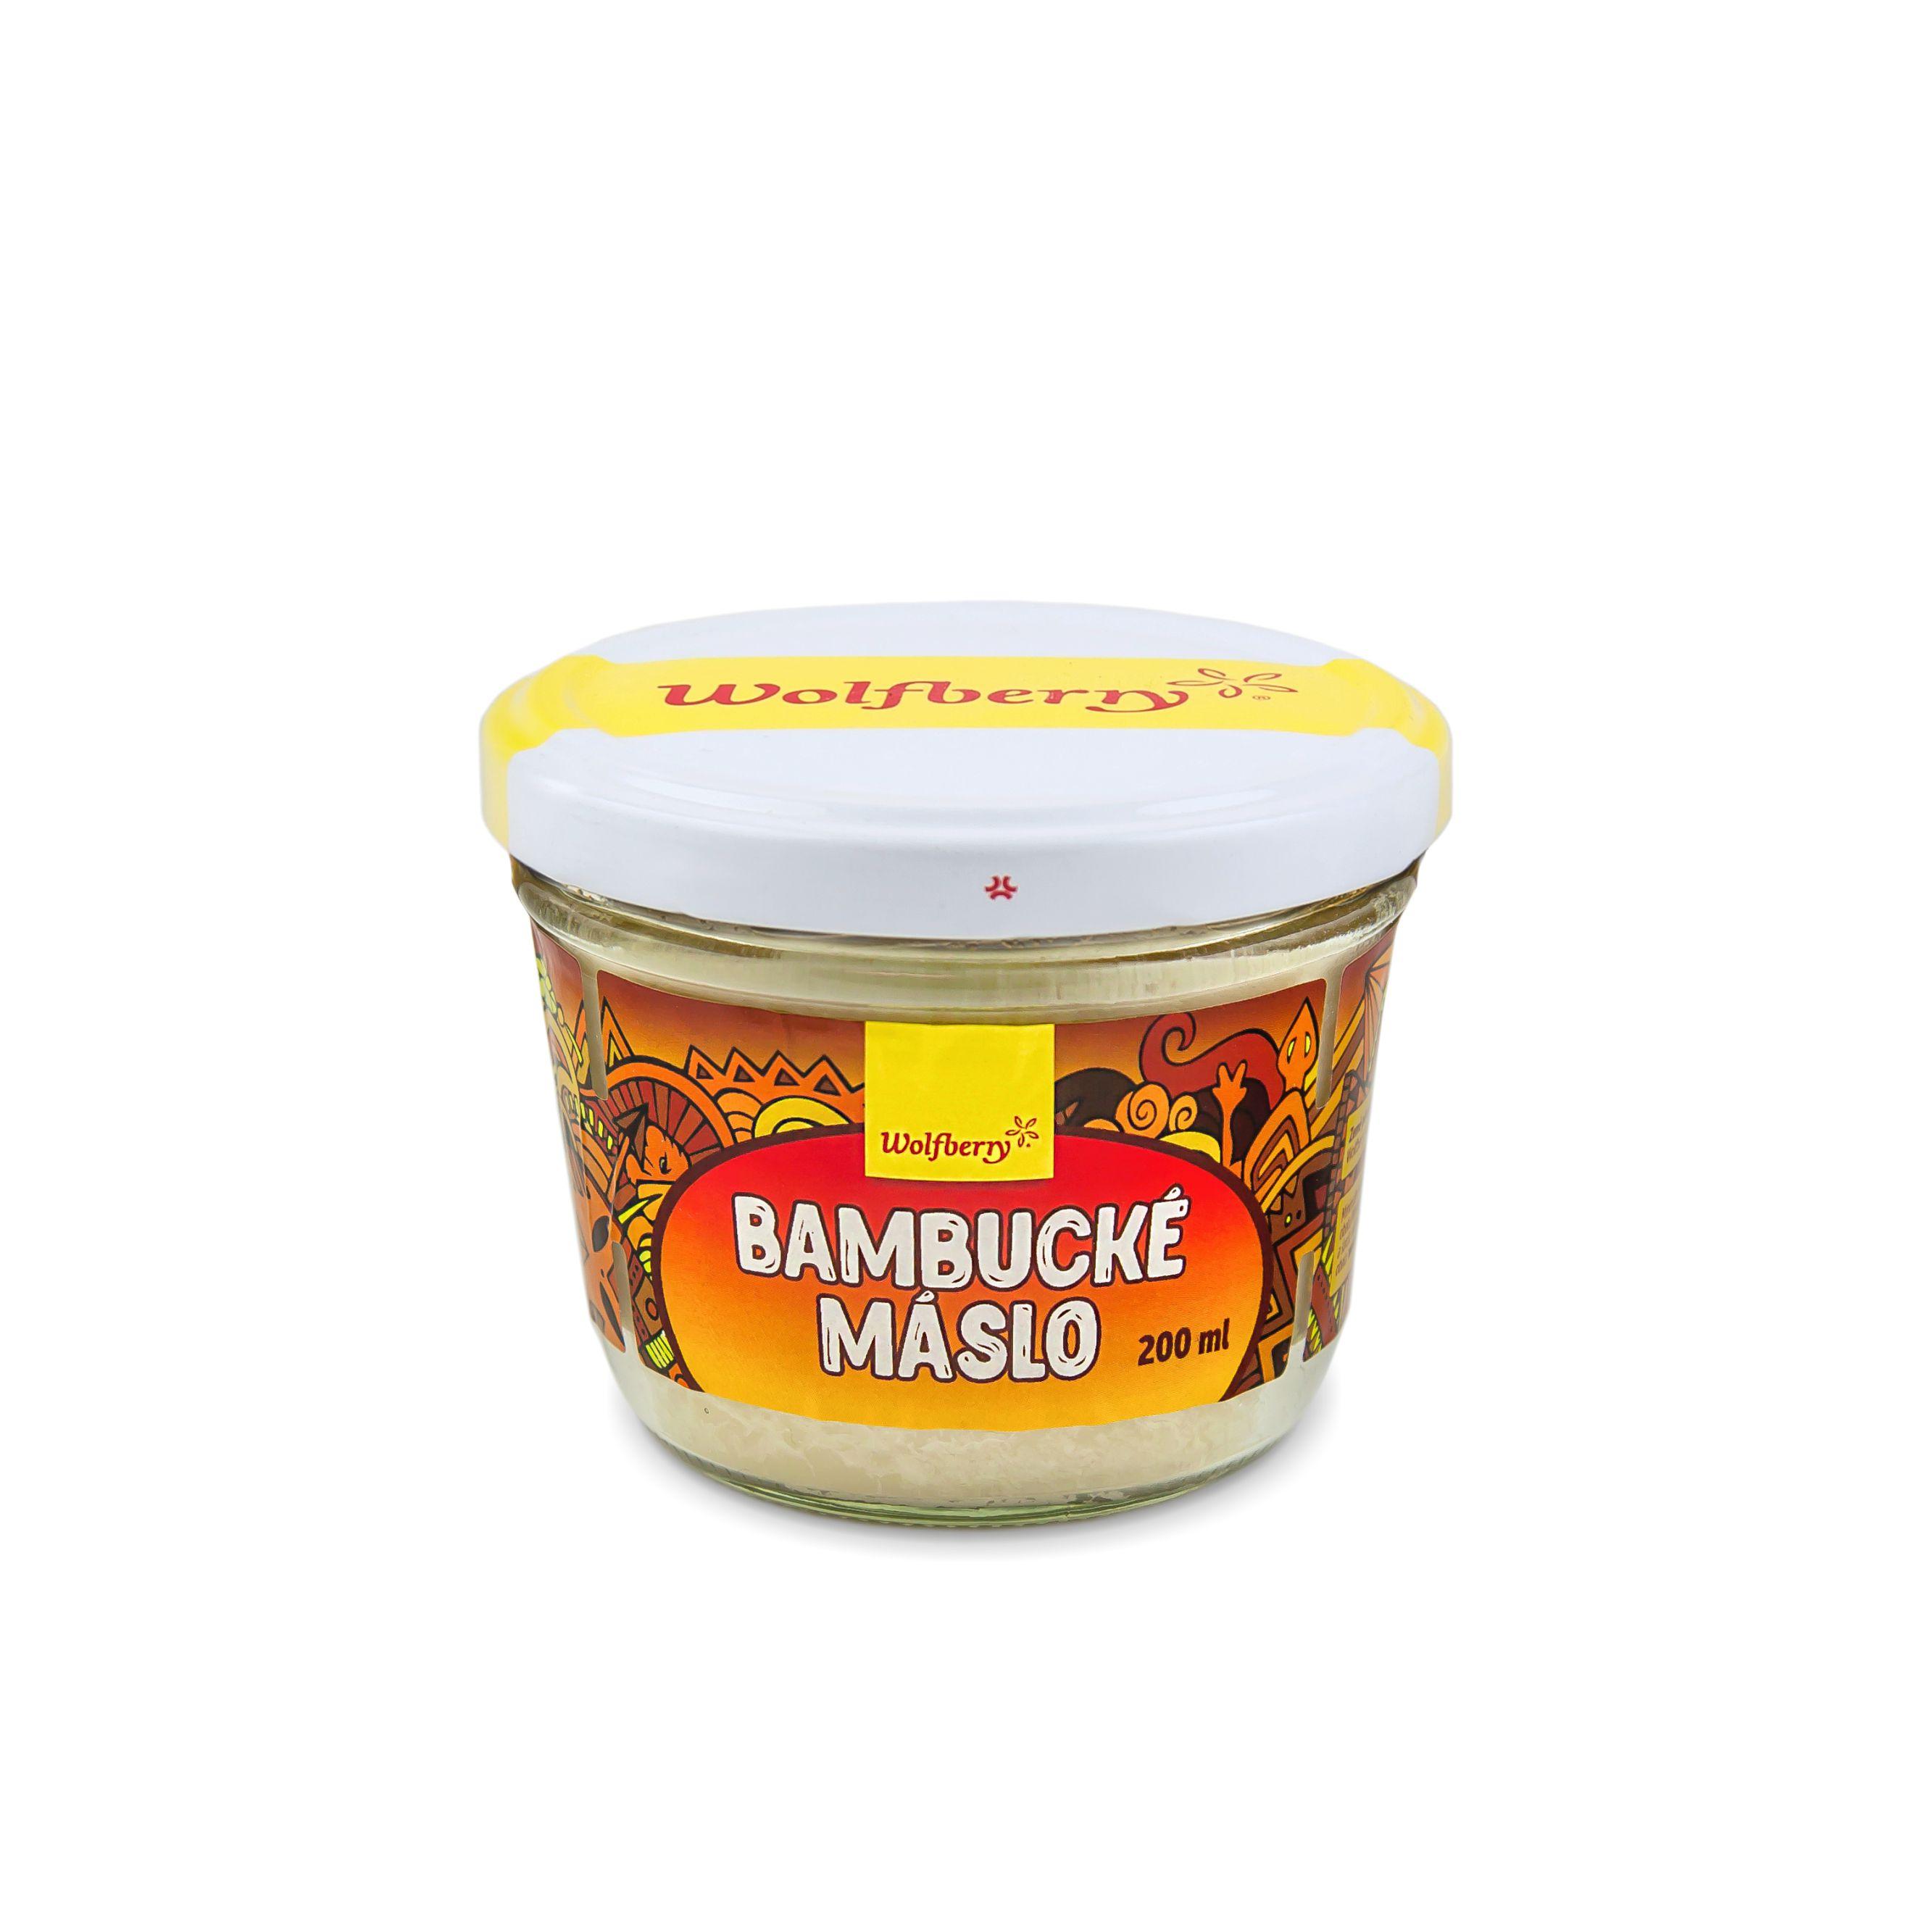 Wolfberry Bambucké maslo 200 ml Wolfberry 200 ml